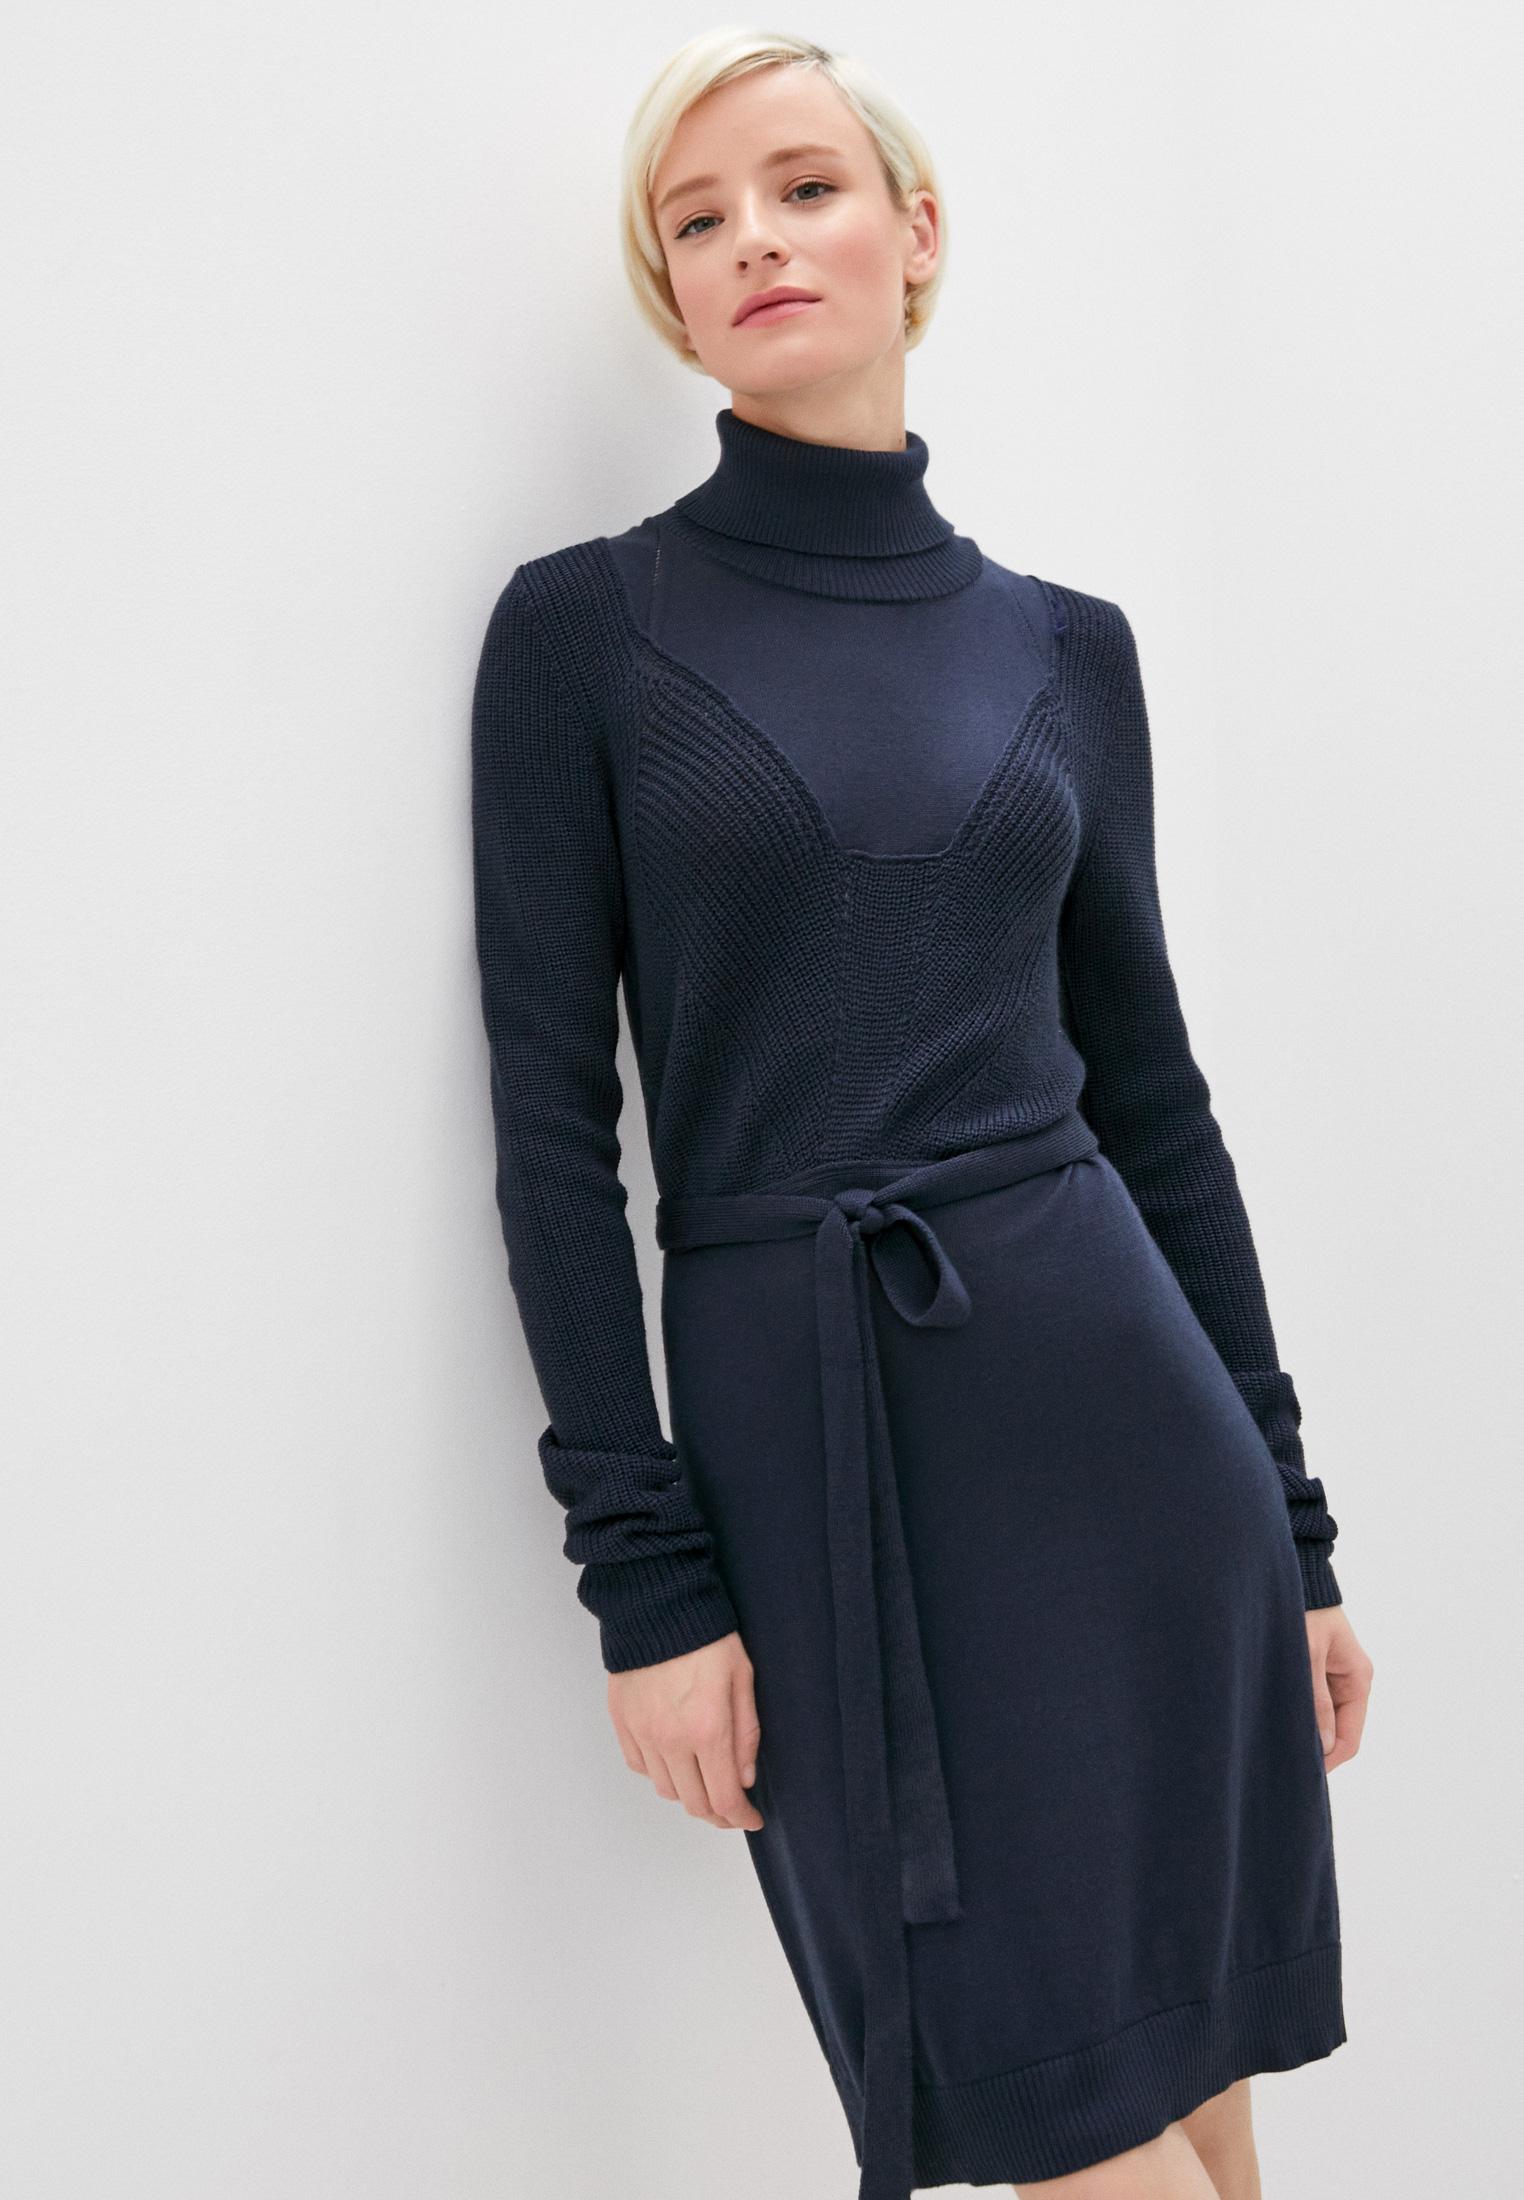 Вязаное платье Trussardi (Труссарди) Платье Trussardi